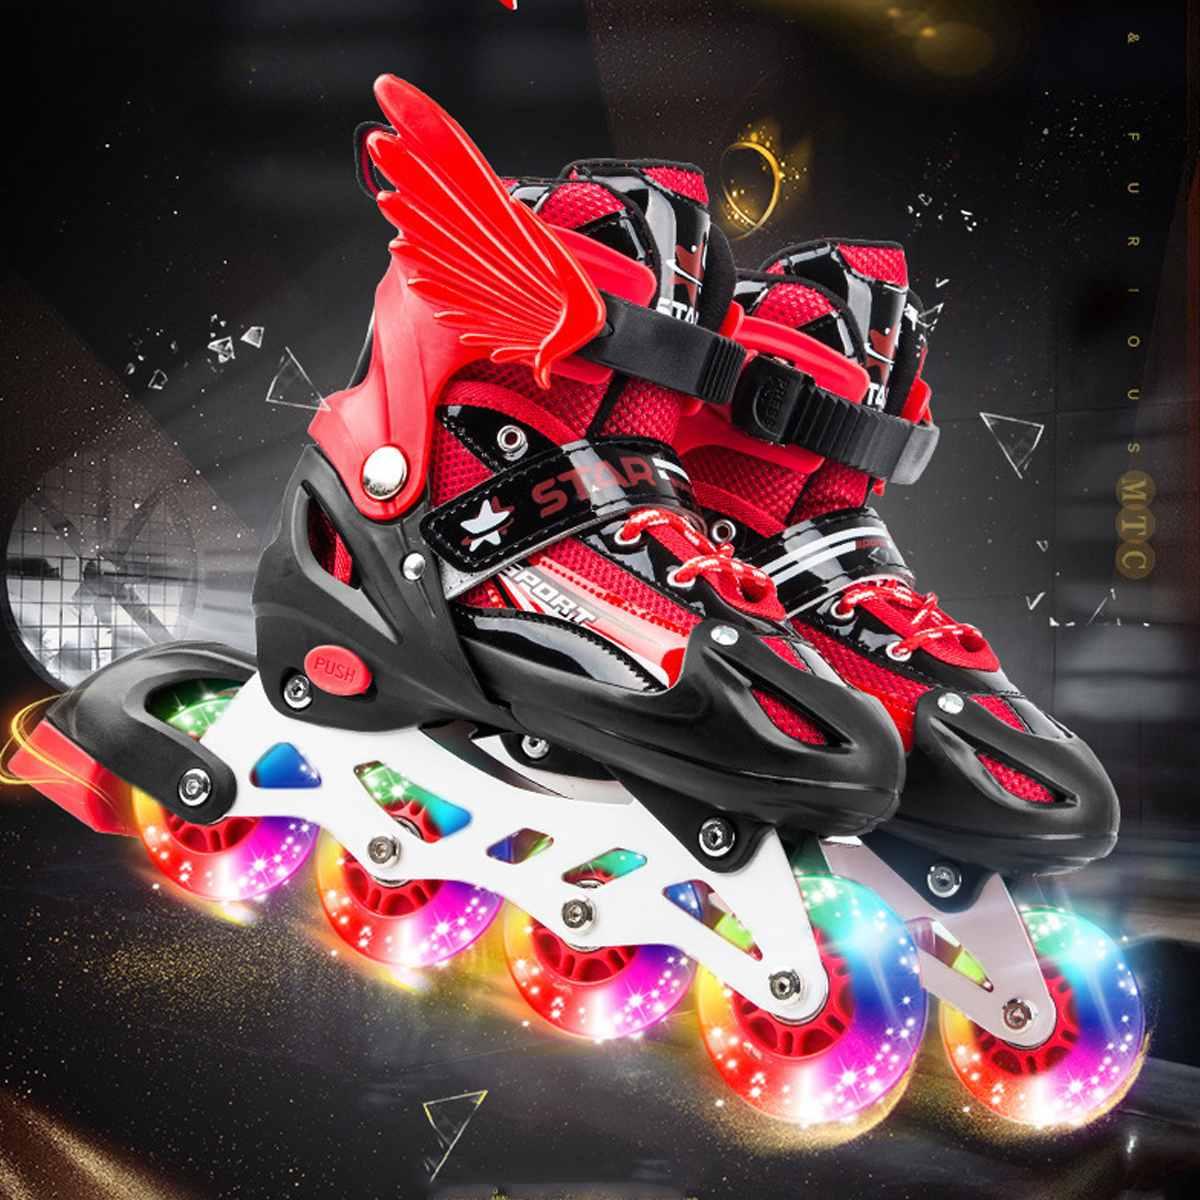 Enfants enfants patins à roulettes 4 roues chaussures de patinage glisse Slalom patins à roues alignées lames rollerblade enfants cadeaux